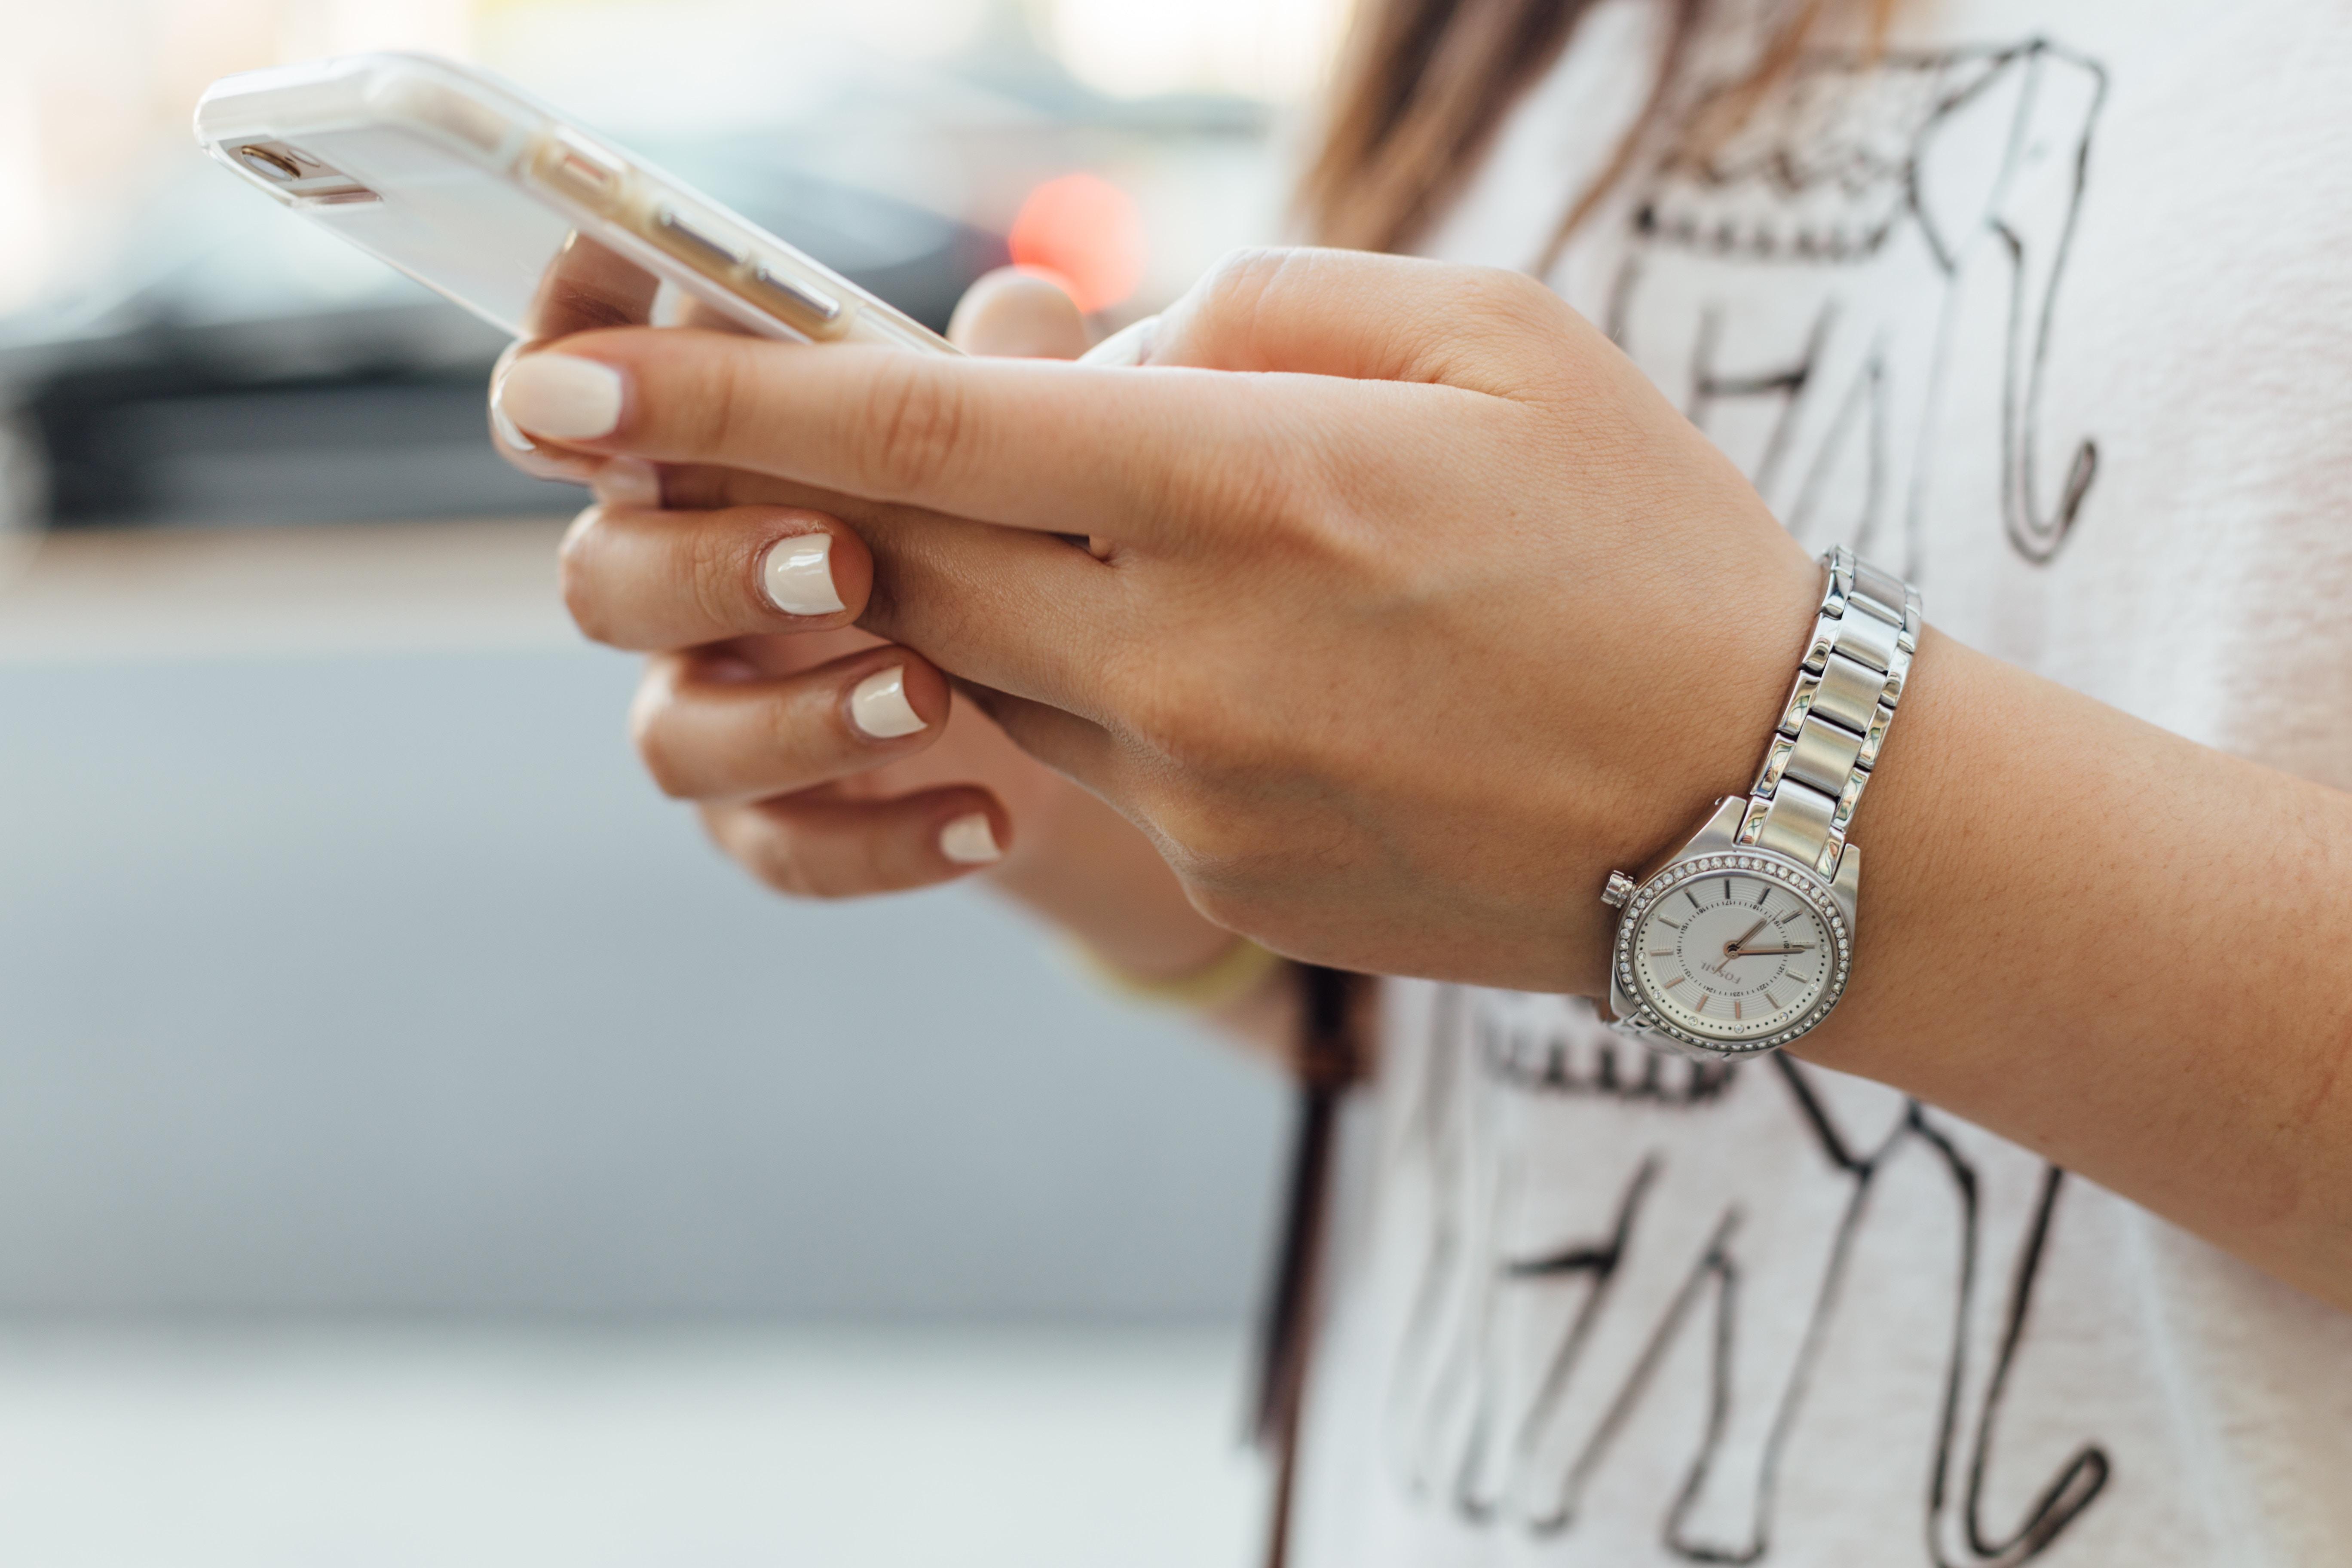 Réseau téléphonique mobile